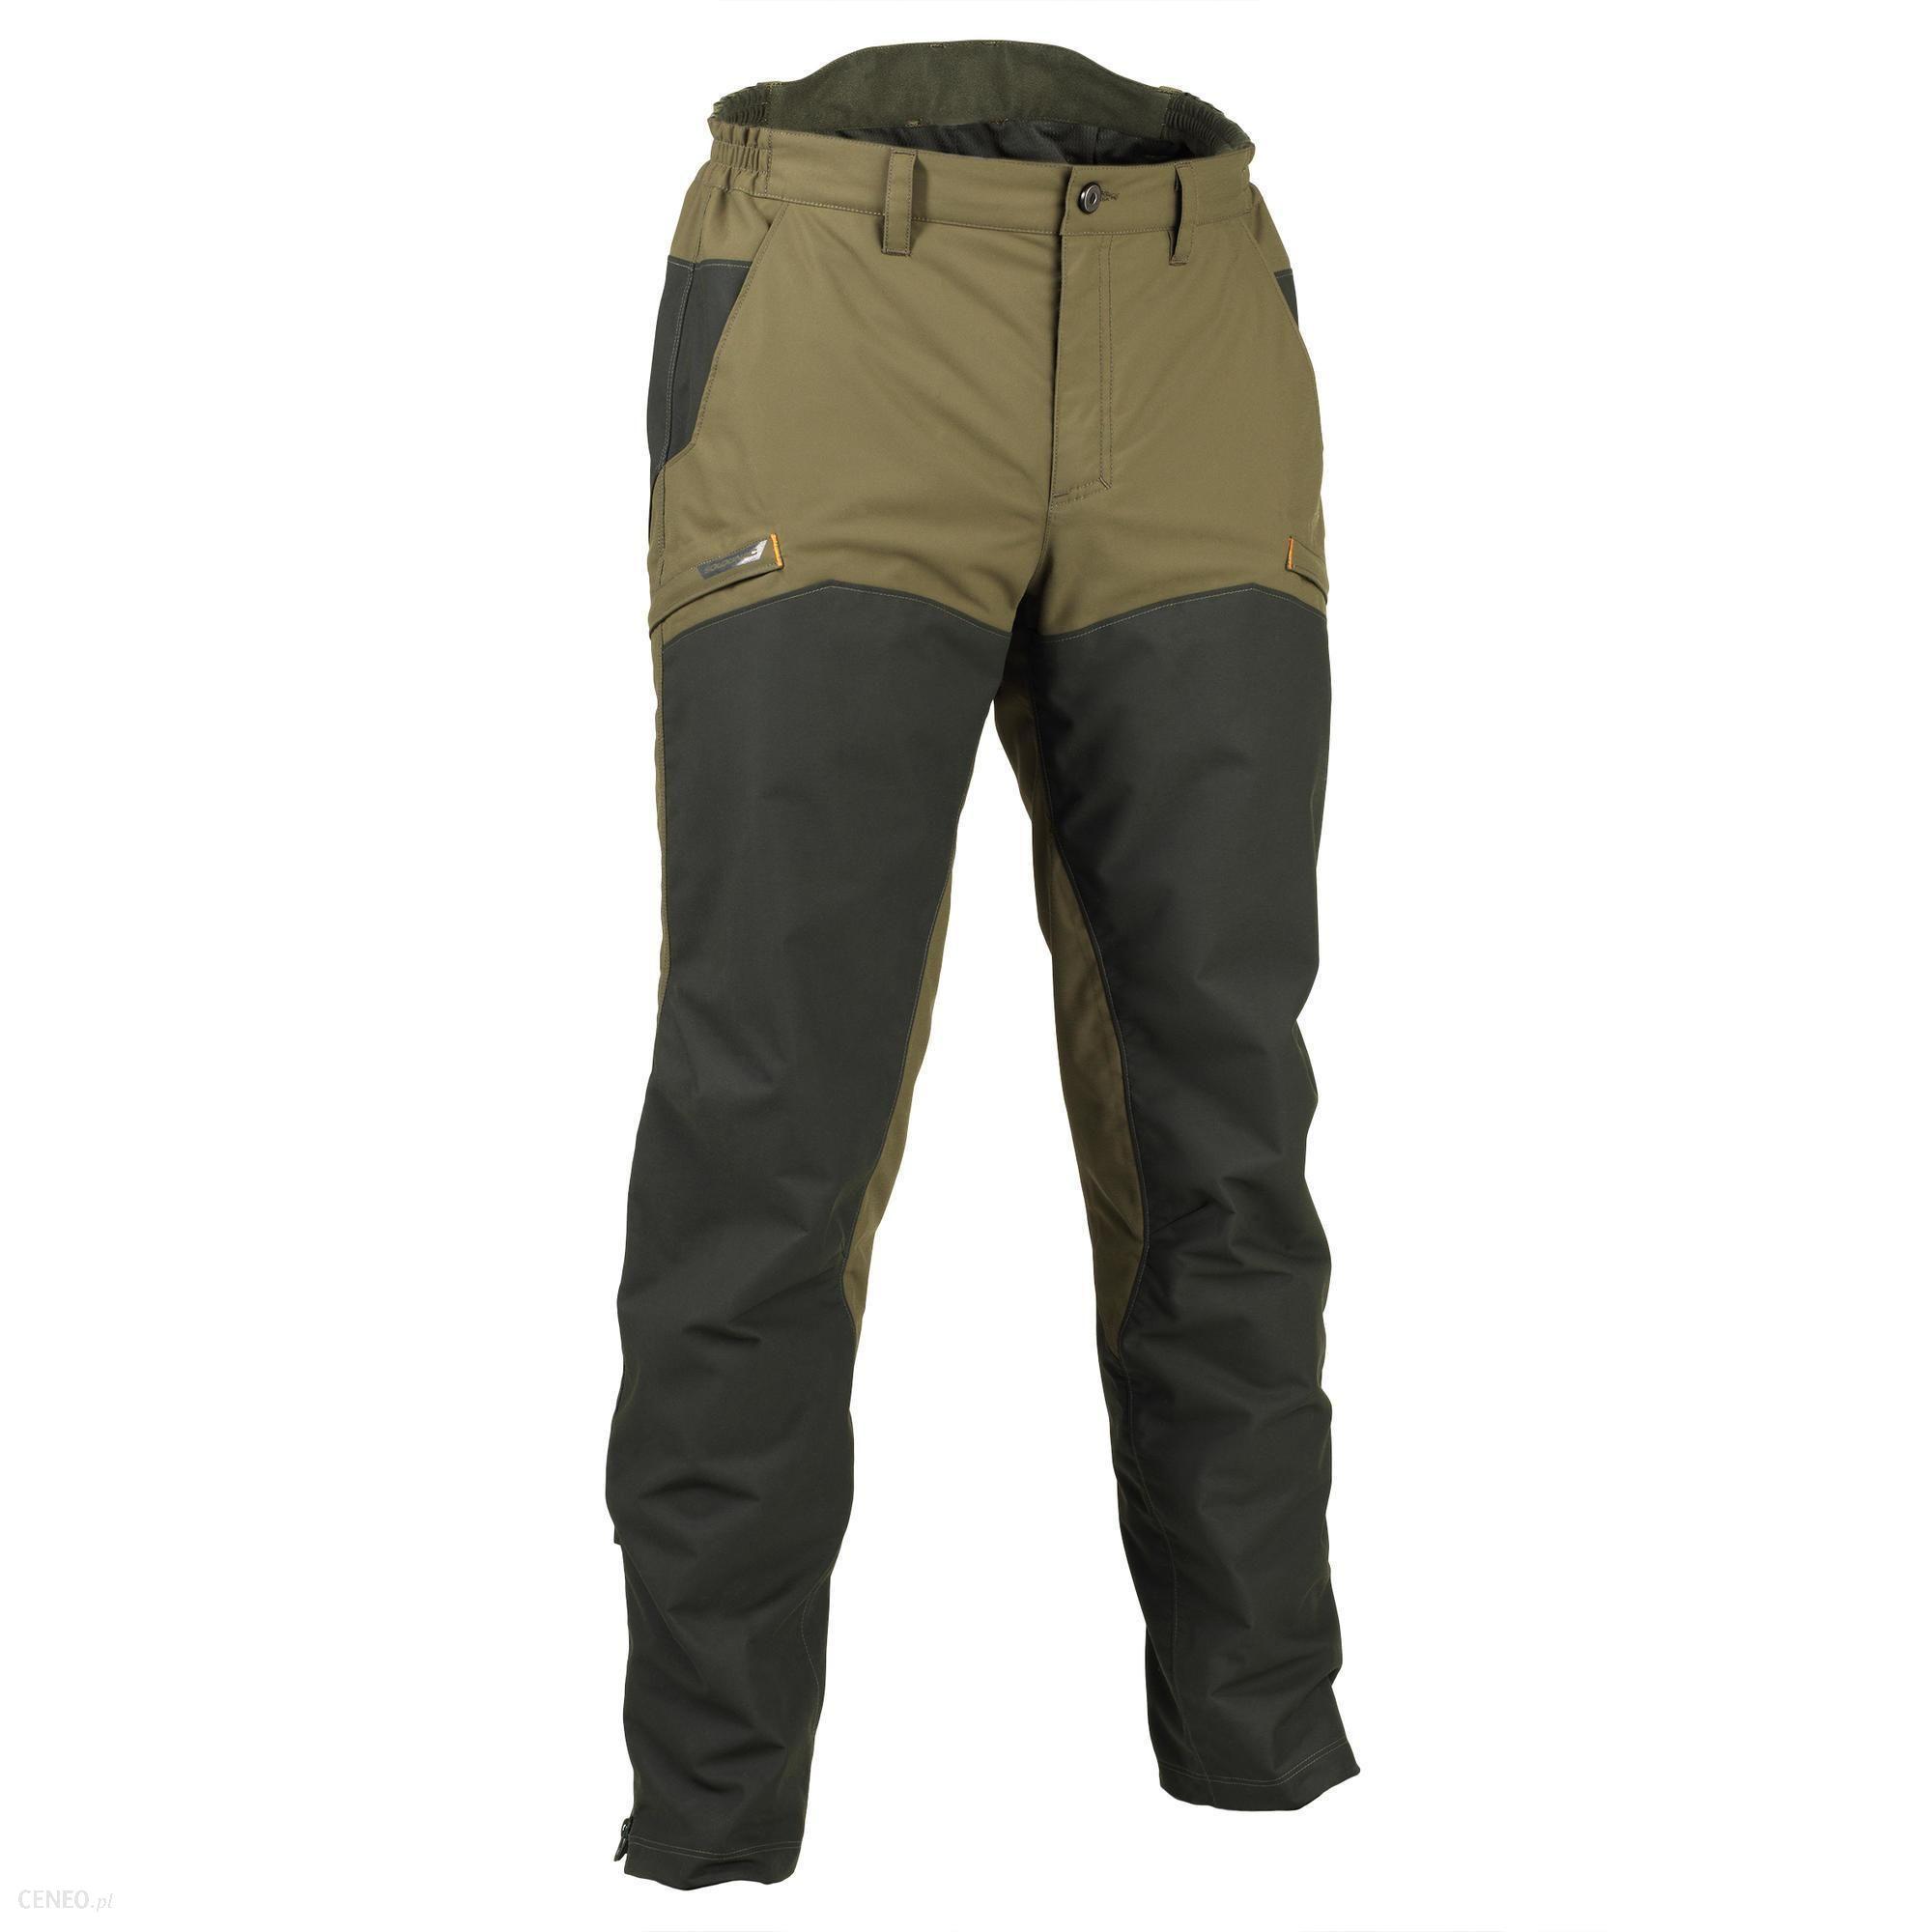 Solognac Spodnie Myśliwskie Wtp Renfort 520 Zielony Khaki S